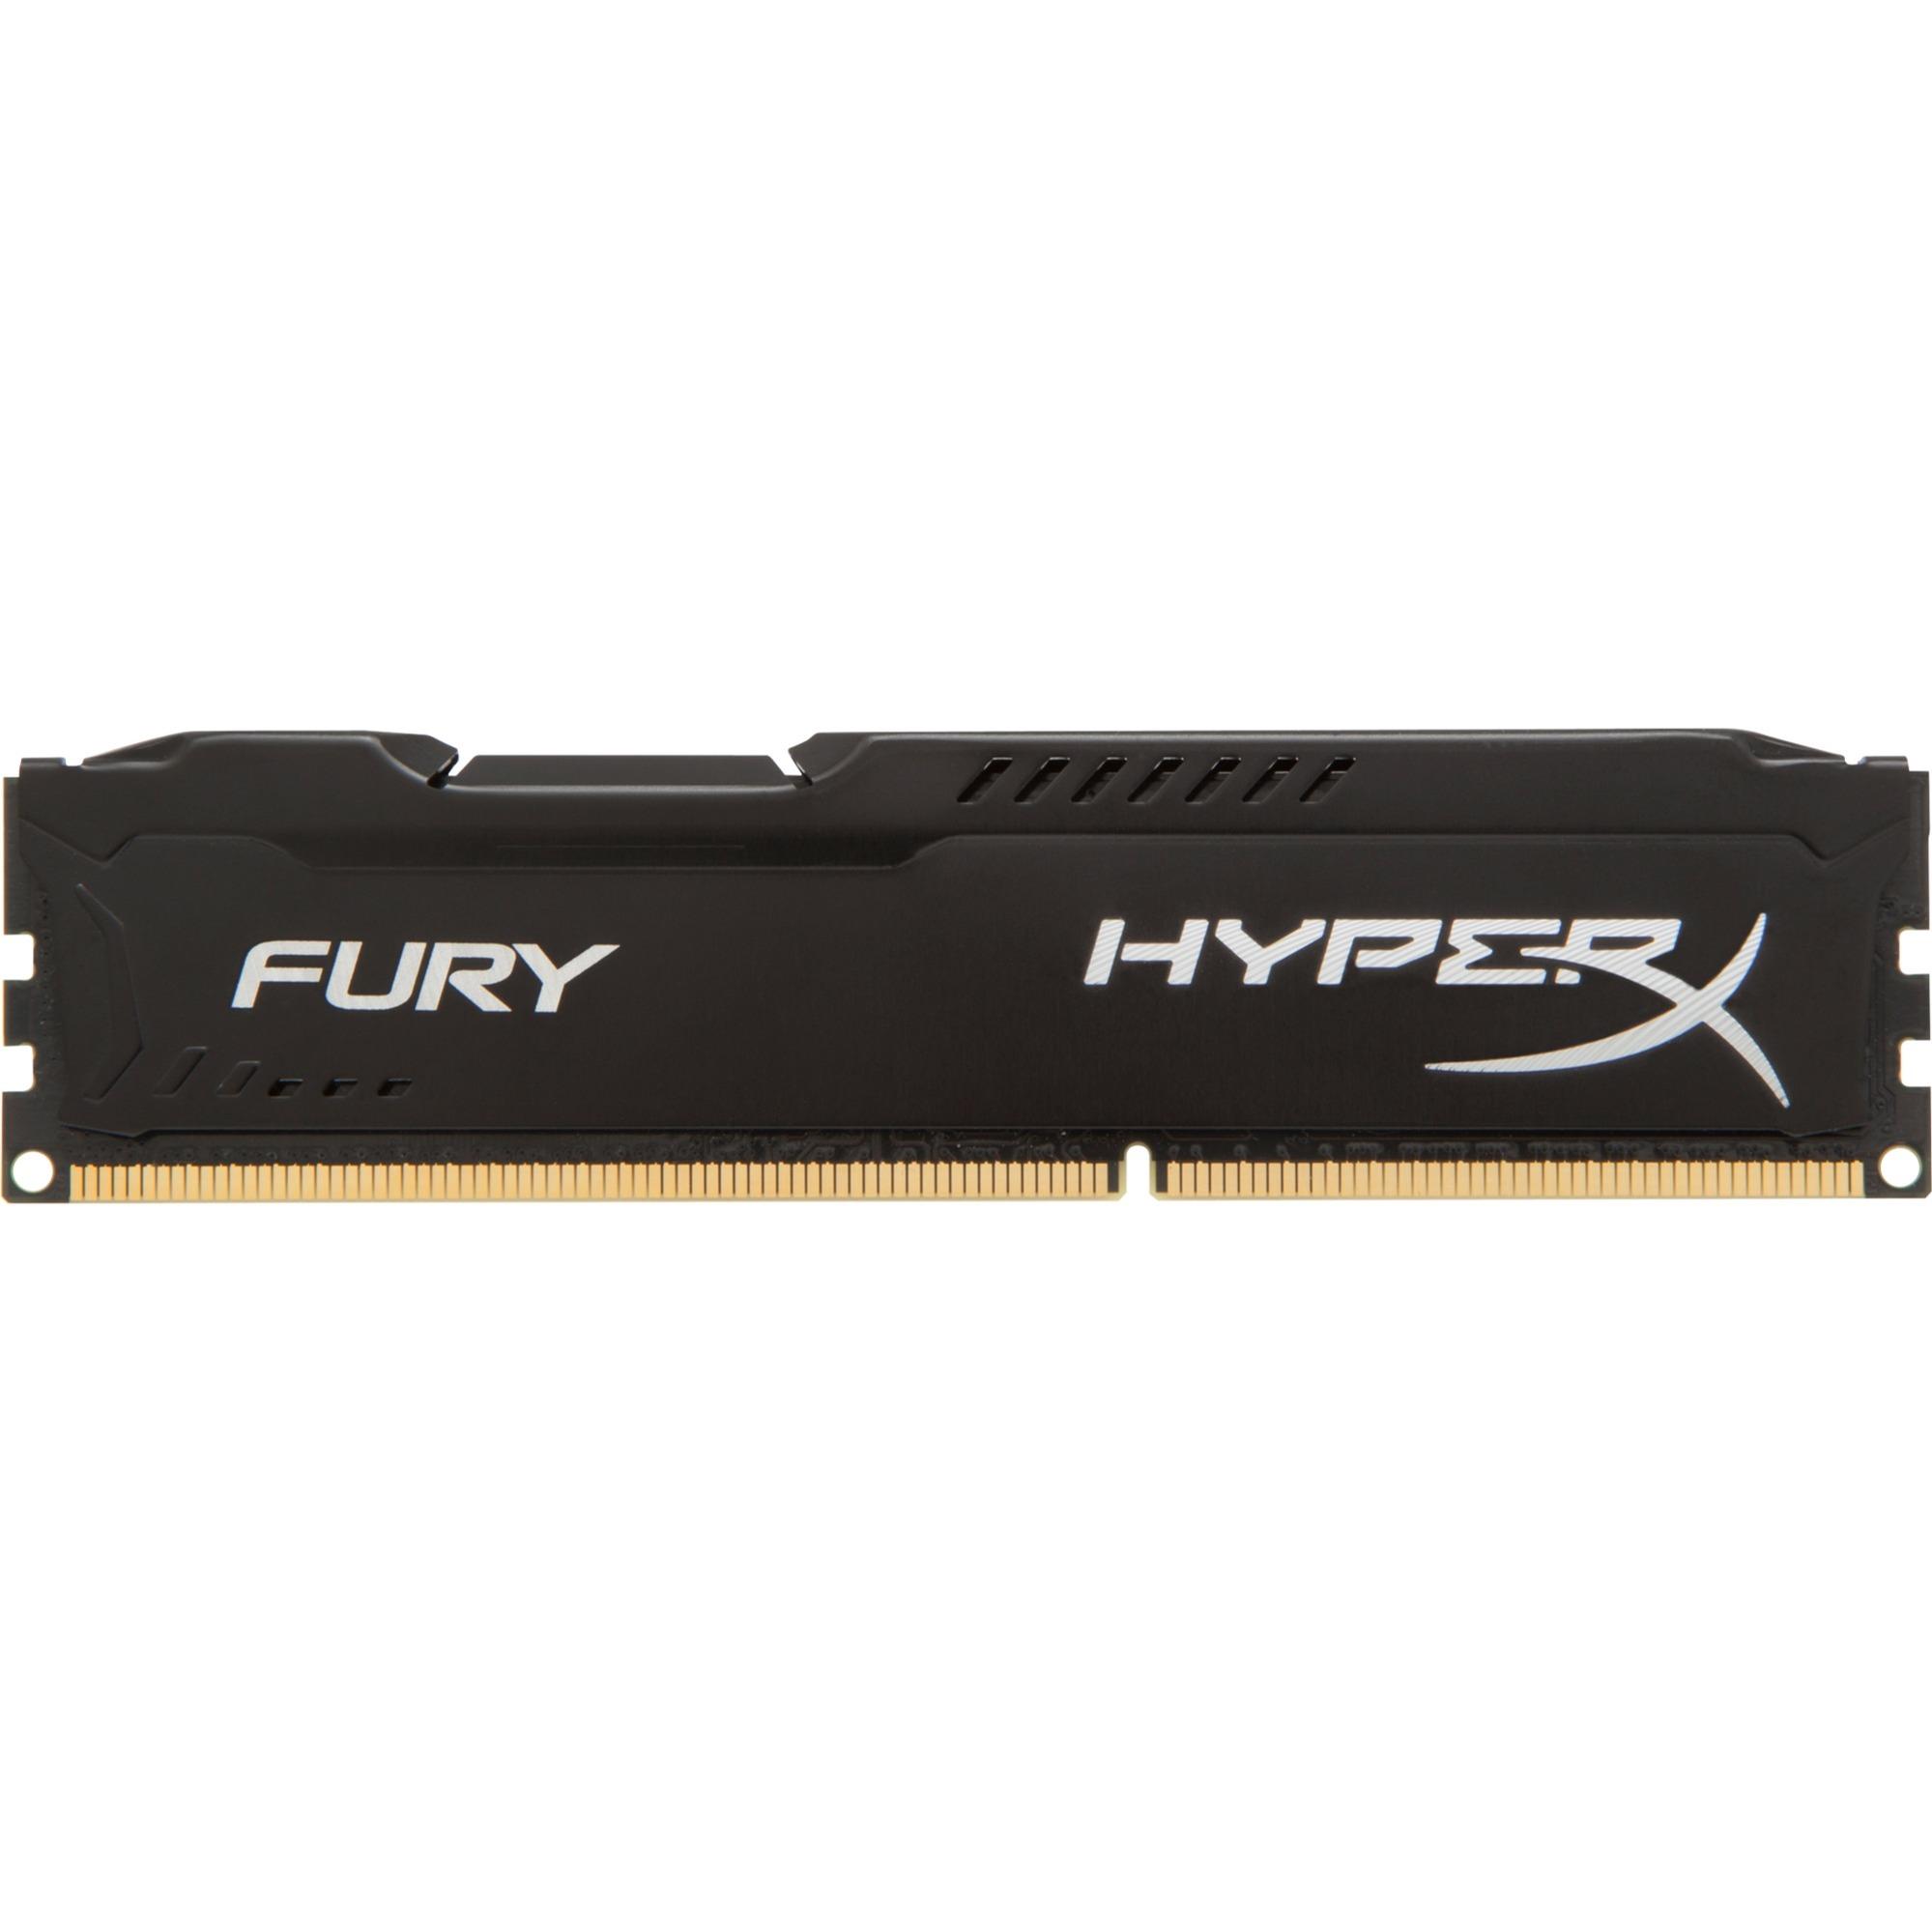 Fury 8 Go DDR3 1866 MHz CL10, Mémoire